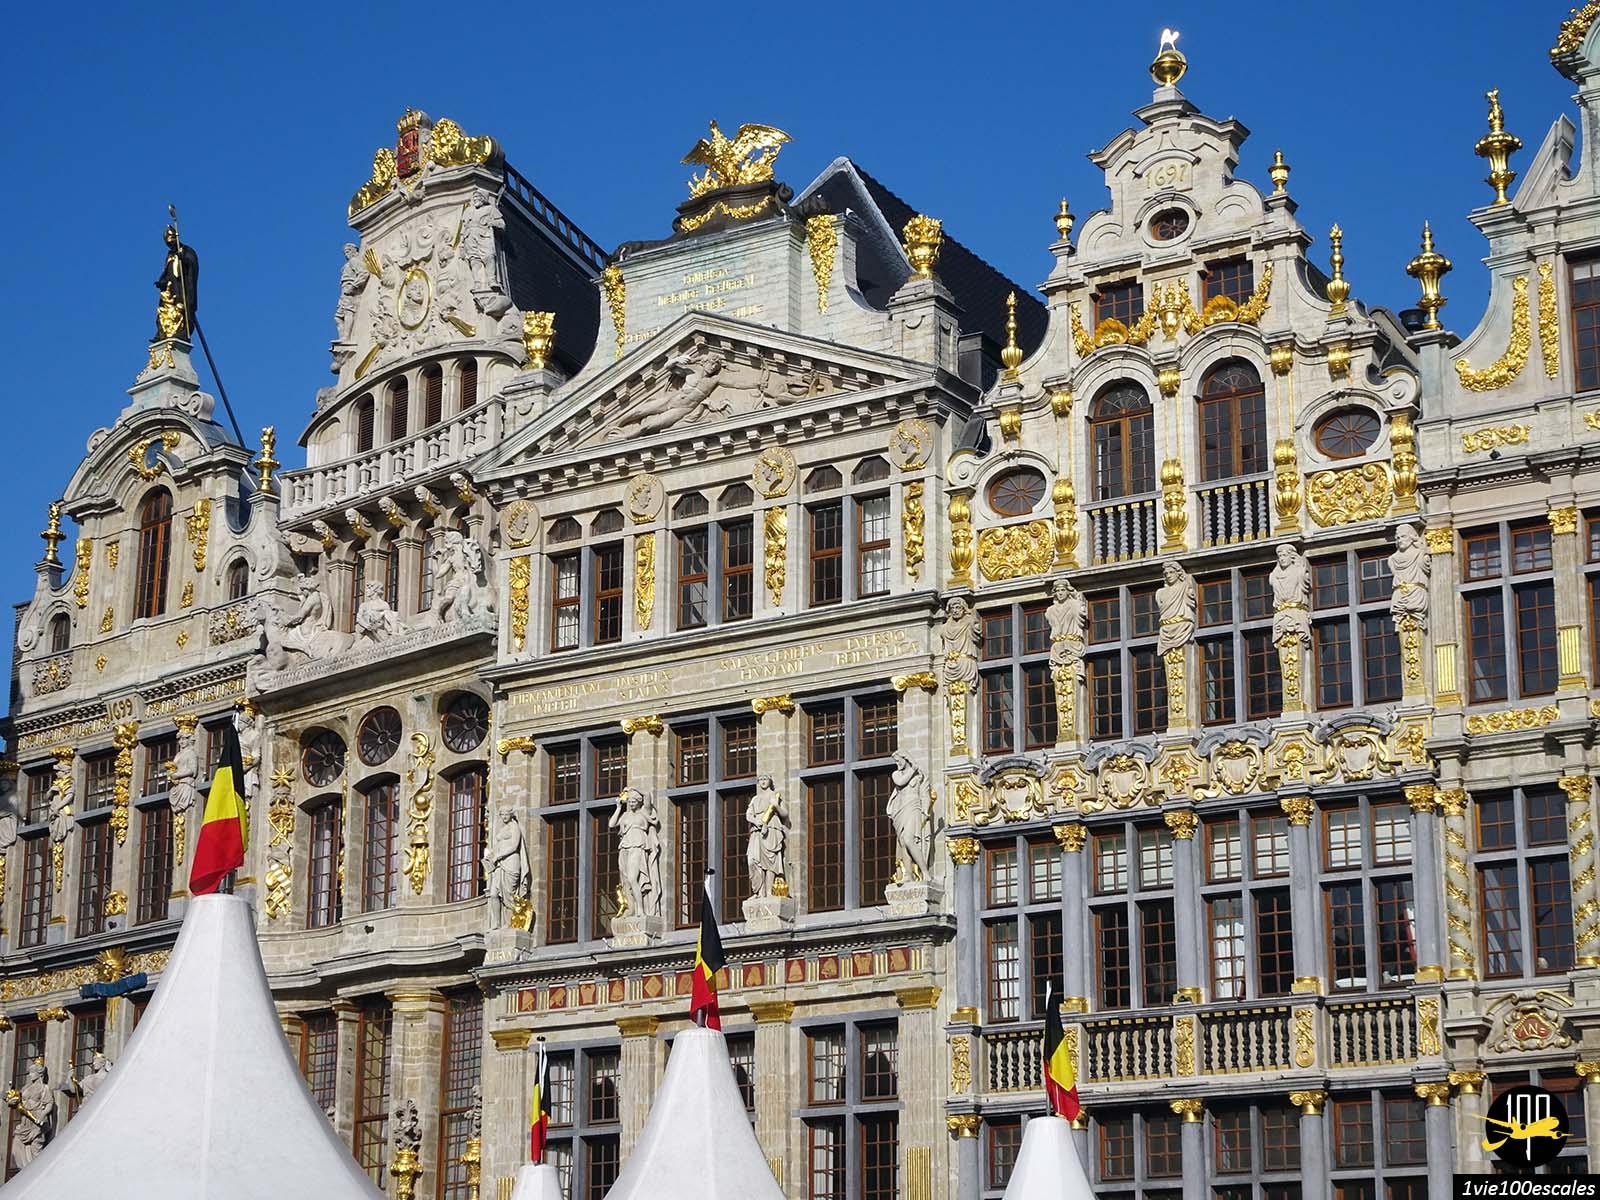 Les maisons dorées de la grand-place de Bruxelles